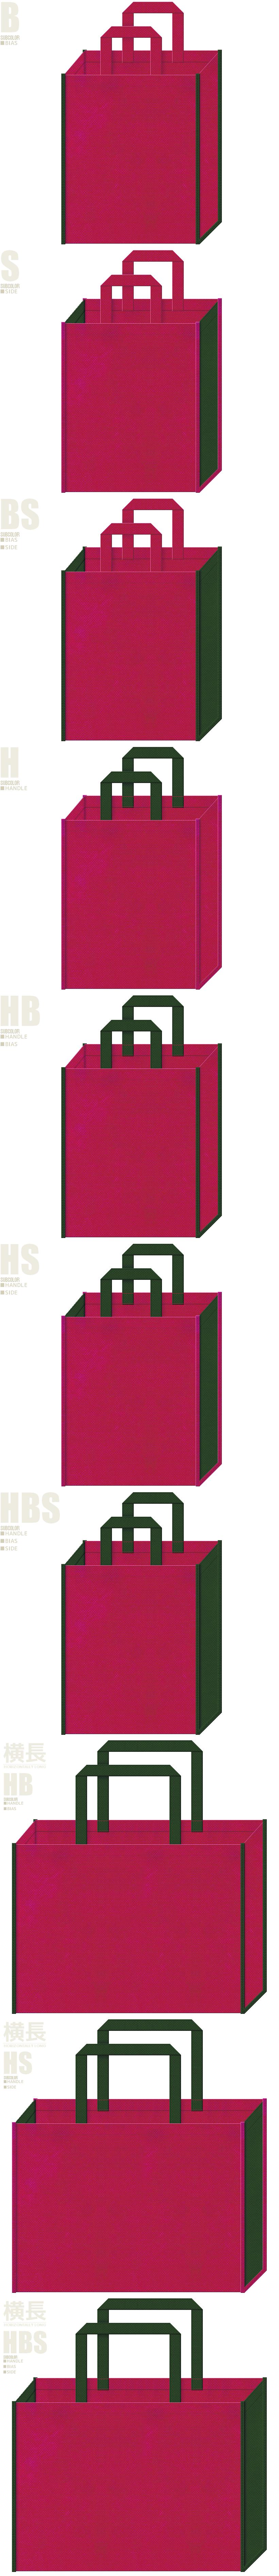 濃いピンク色と濃緑色、7パターンの不織布トートバッグ配色デザイン例。和装イベントのバッグノベルティにお奨めです。振袖風。